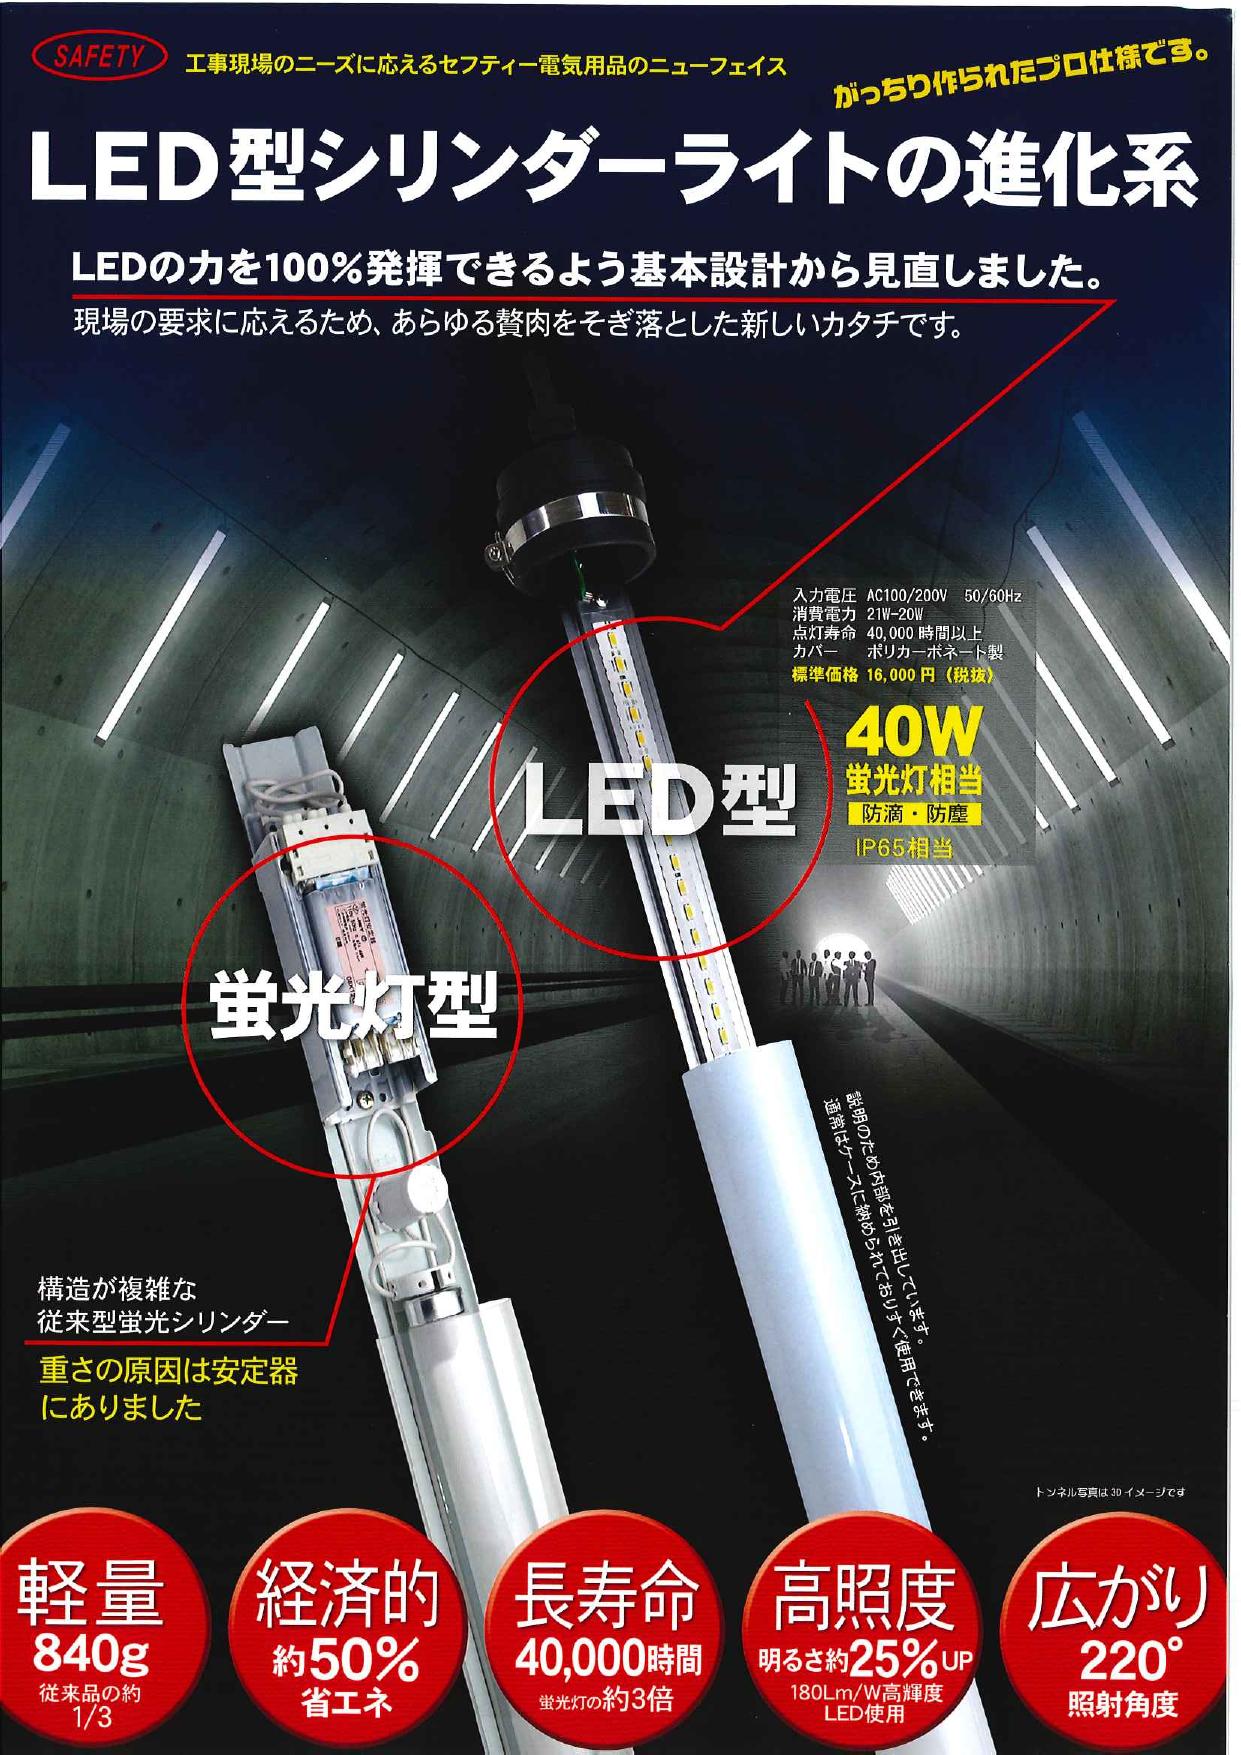 LED型シリンダーライト